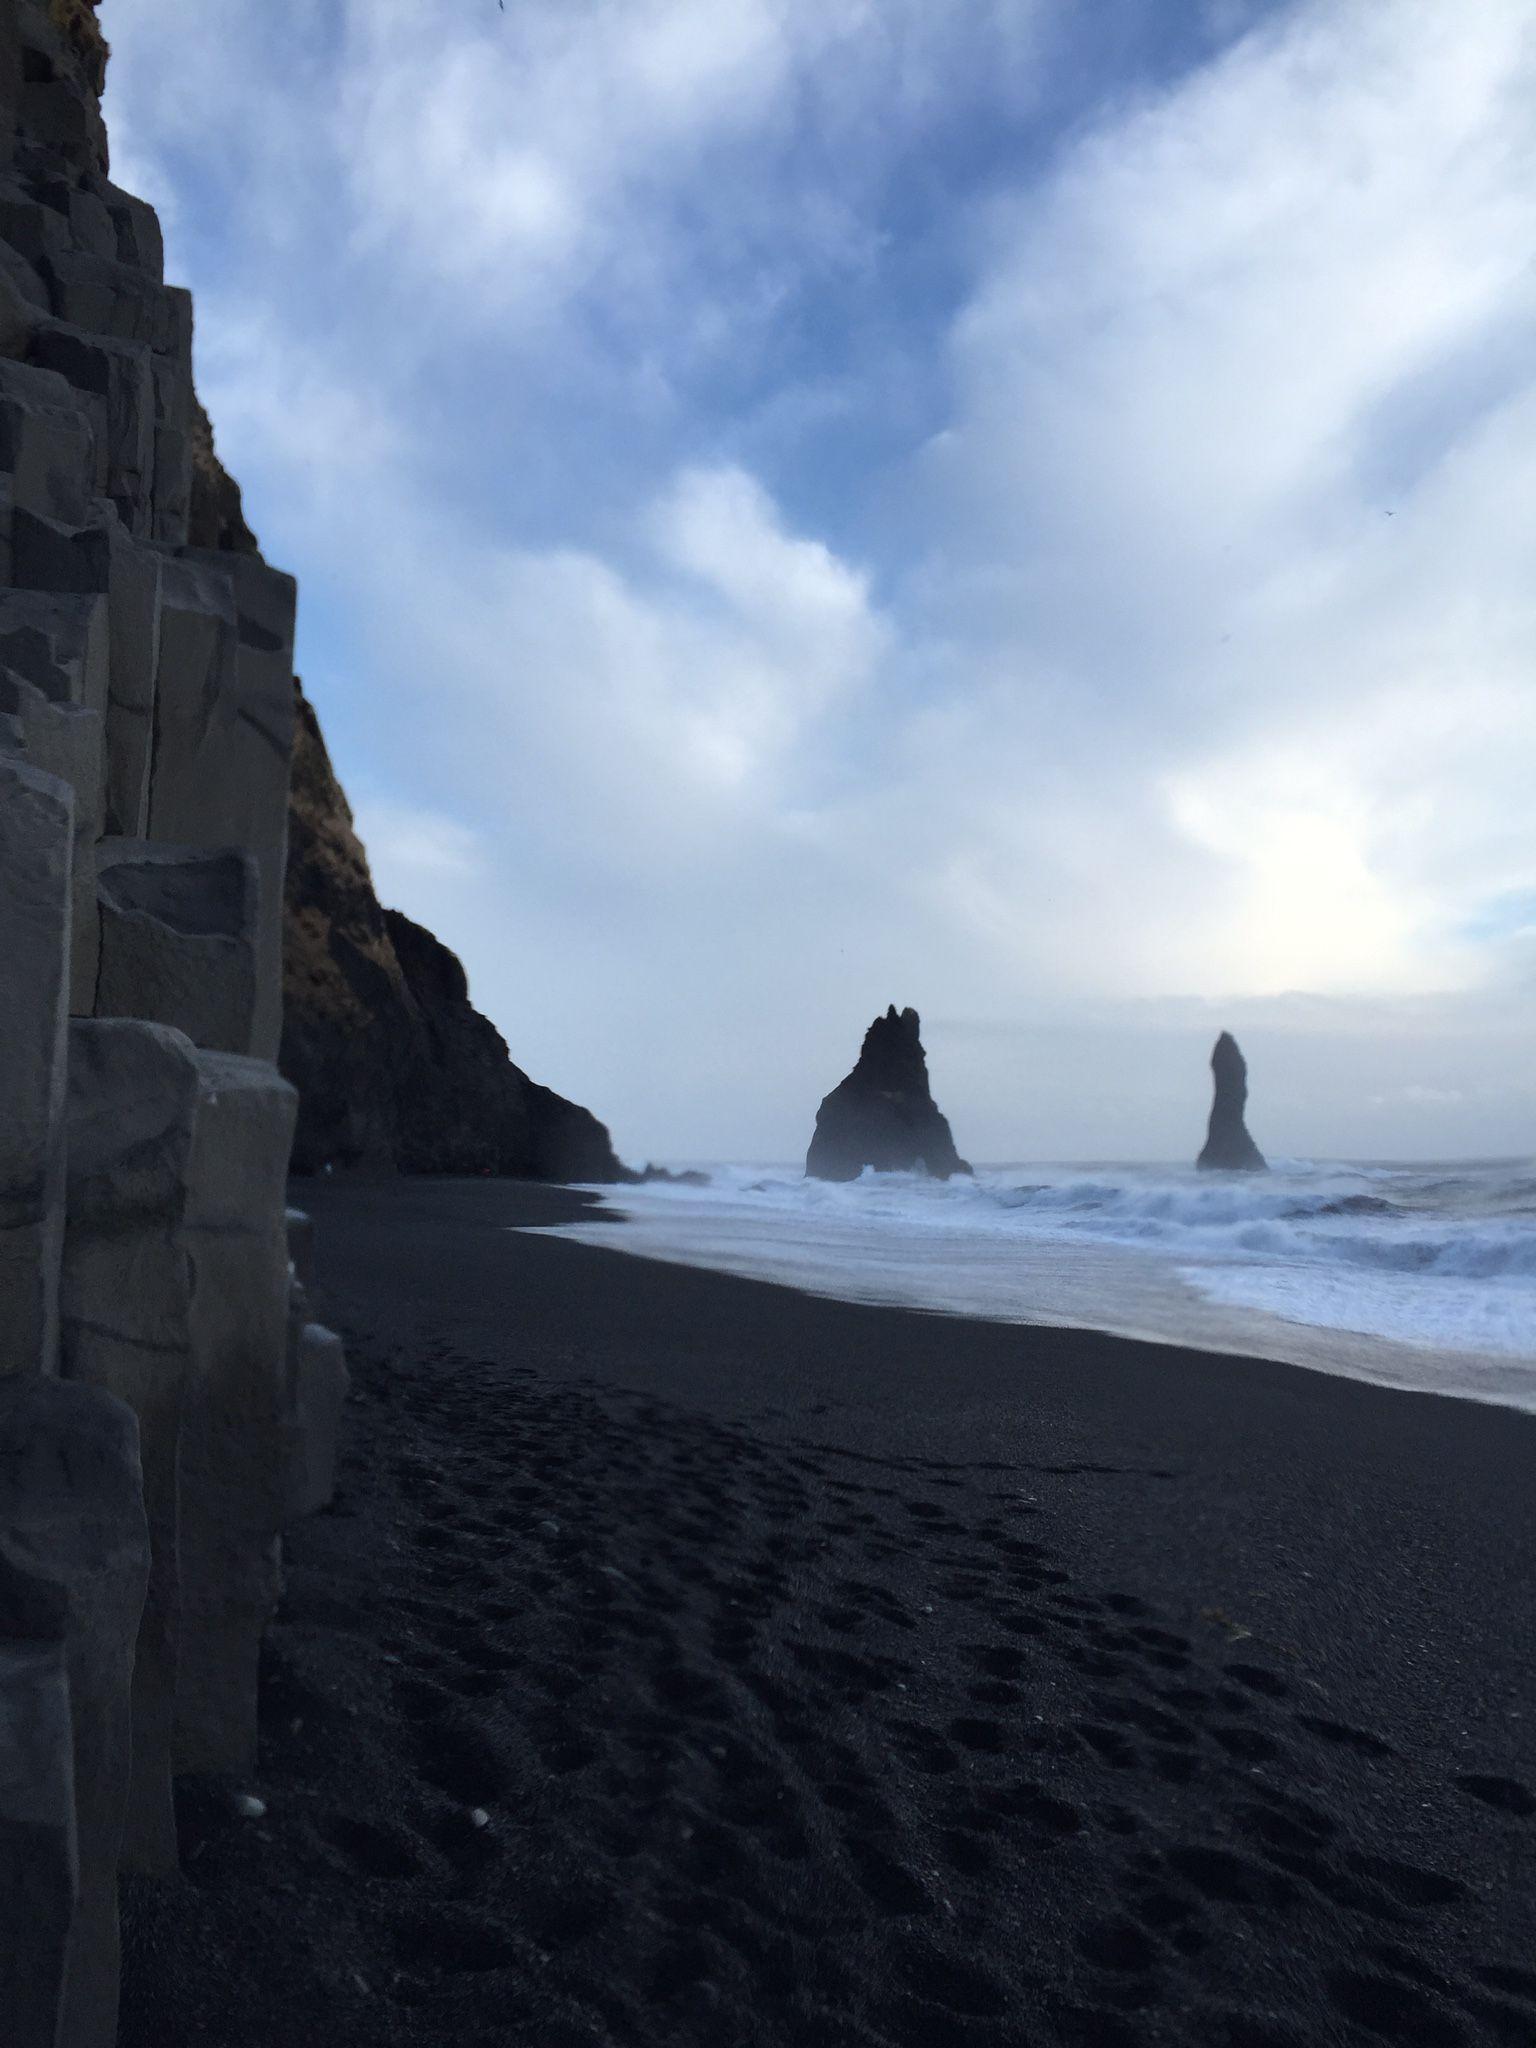 Black Sand Beaches In Iceland El Salvador Black Sand Beach Hawaii Barrel Big Waves Volcani Black Sand Beach Iceland Black Sand Beach Black Sand Beach Hawaii